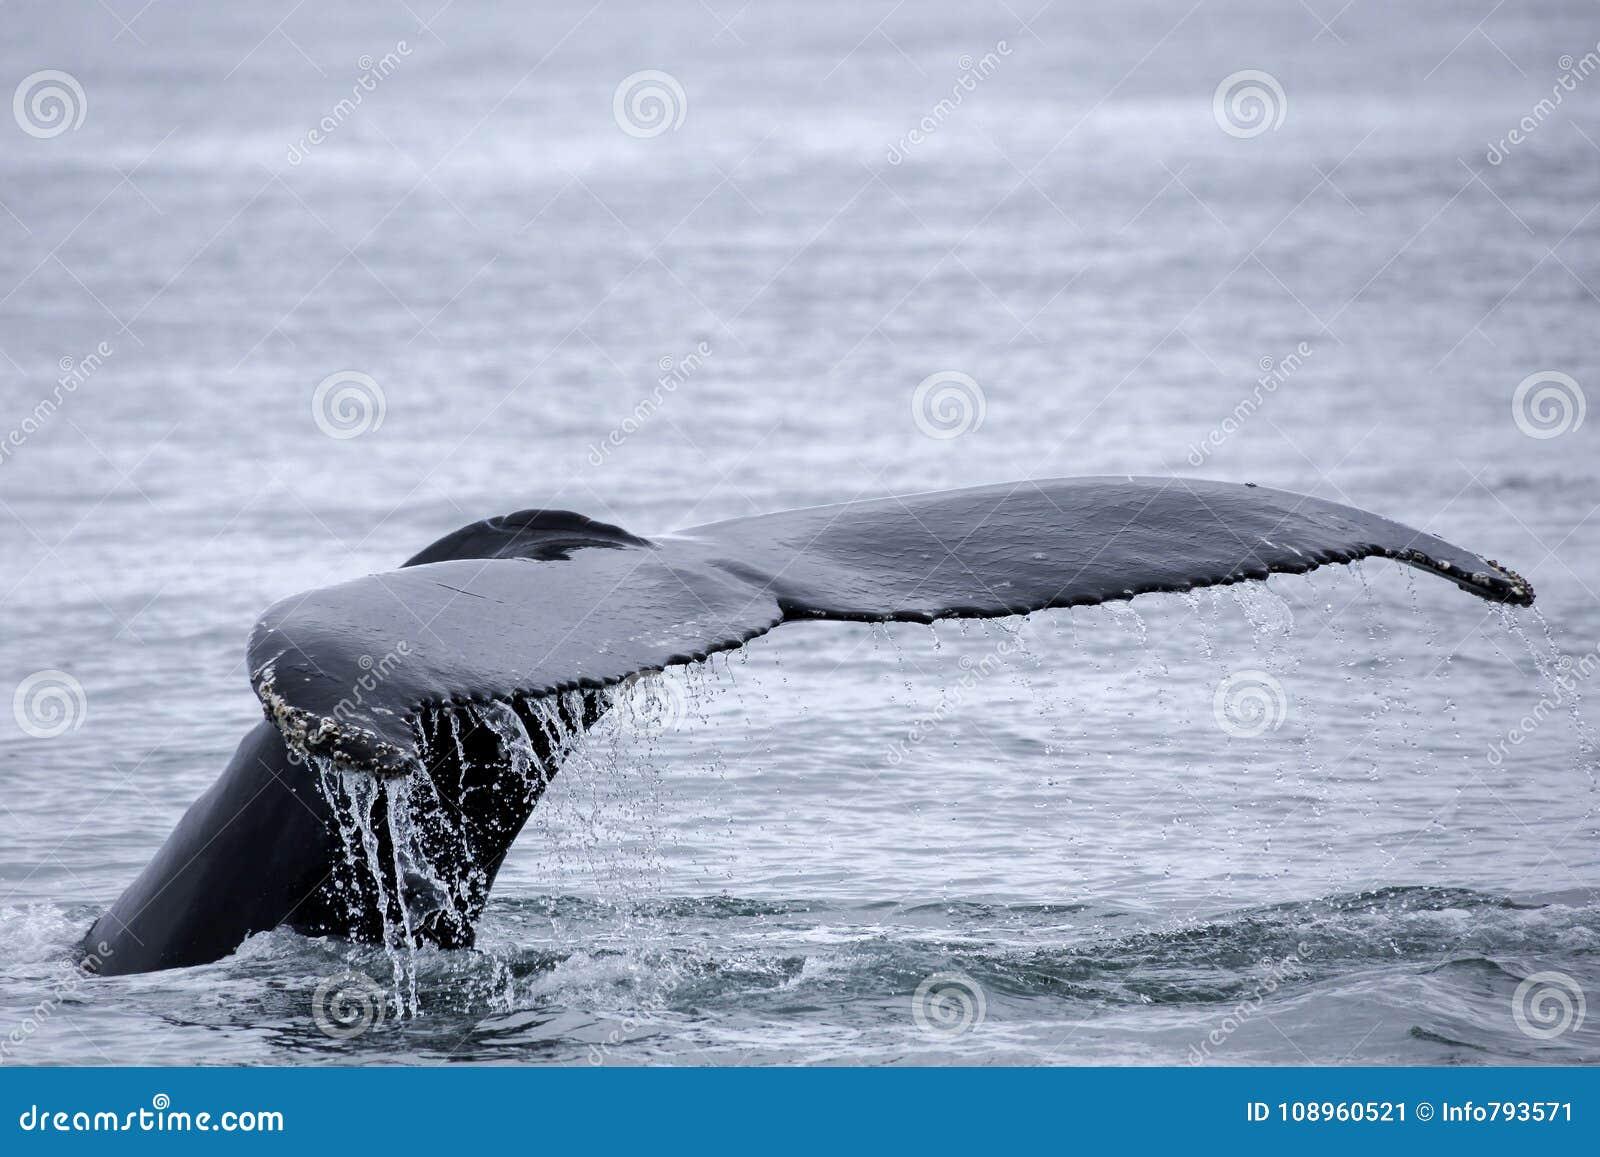 Aleta de cola de la ballena jorobada poderosa